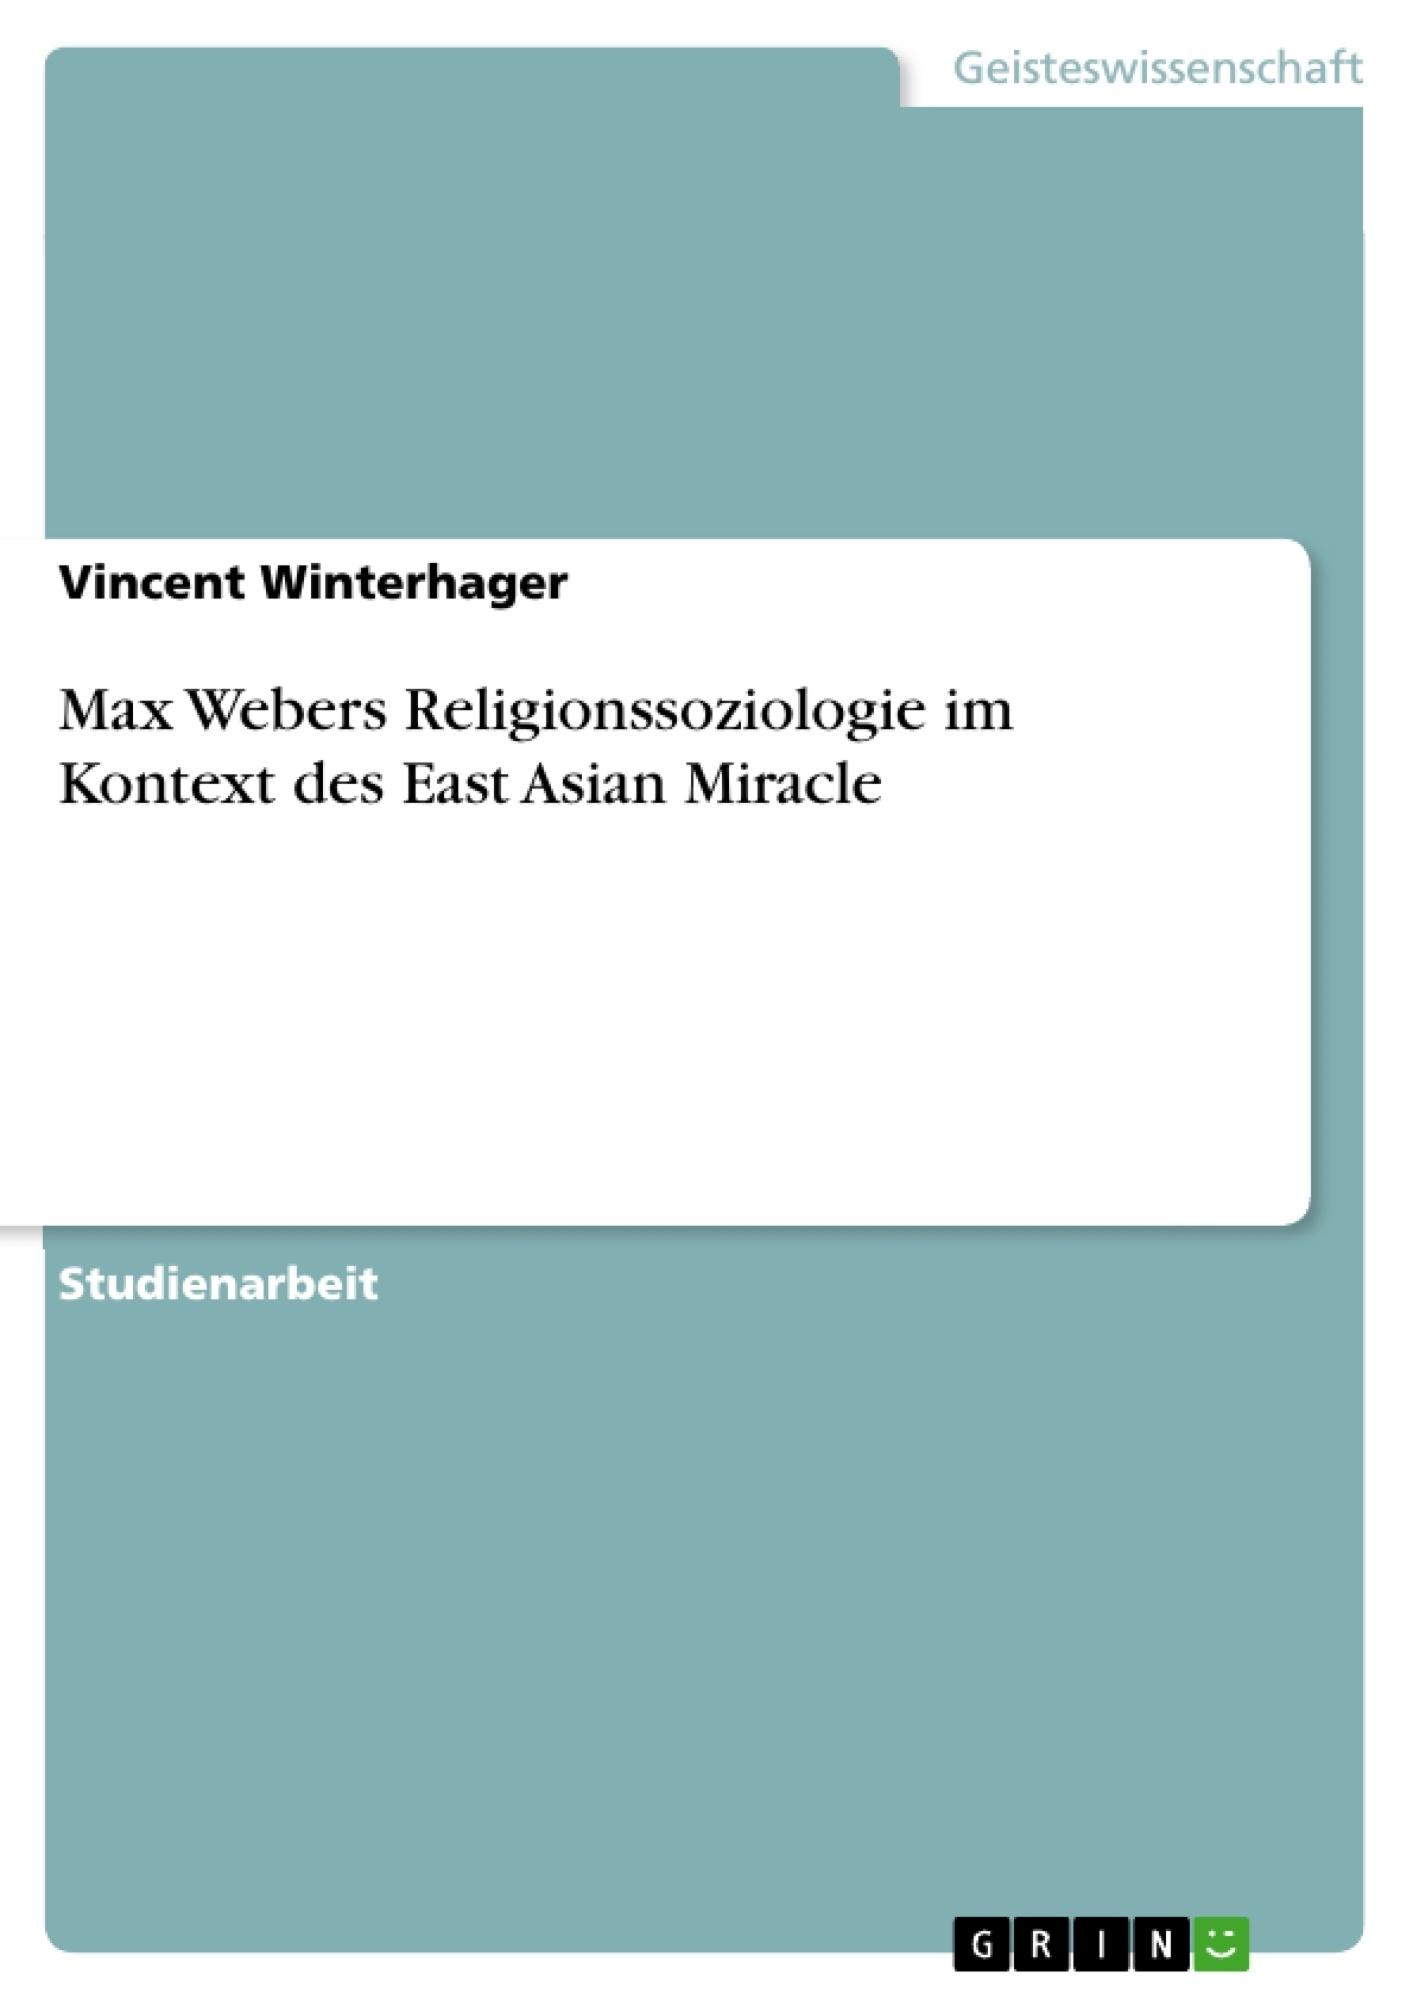 Titel: Max Webers Religionssoziologie im Kontext des East Asian Miracle